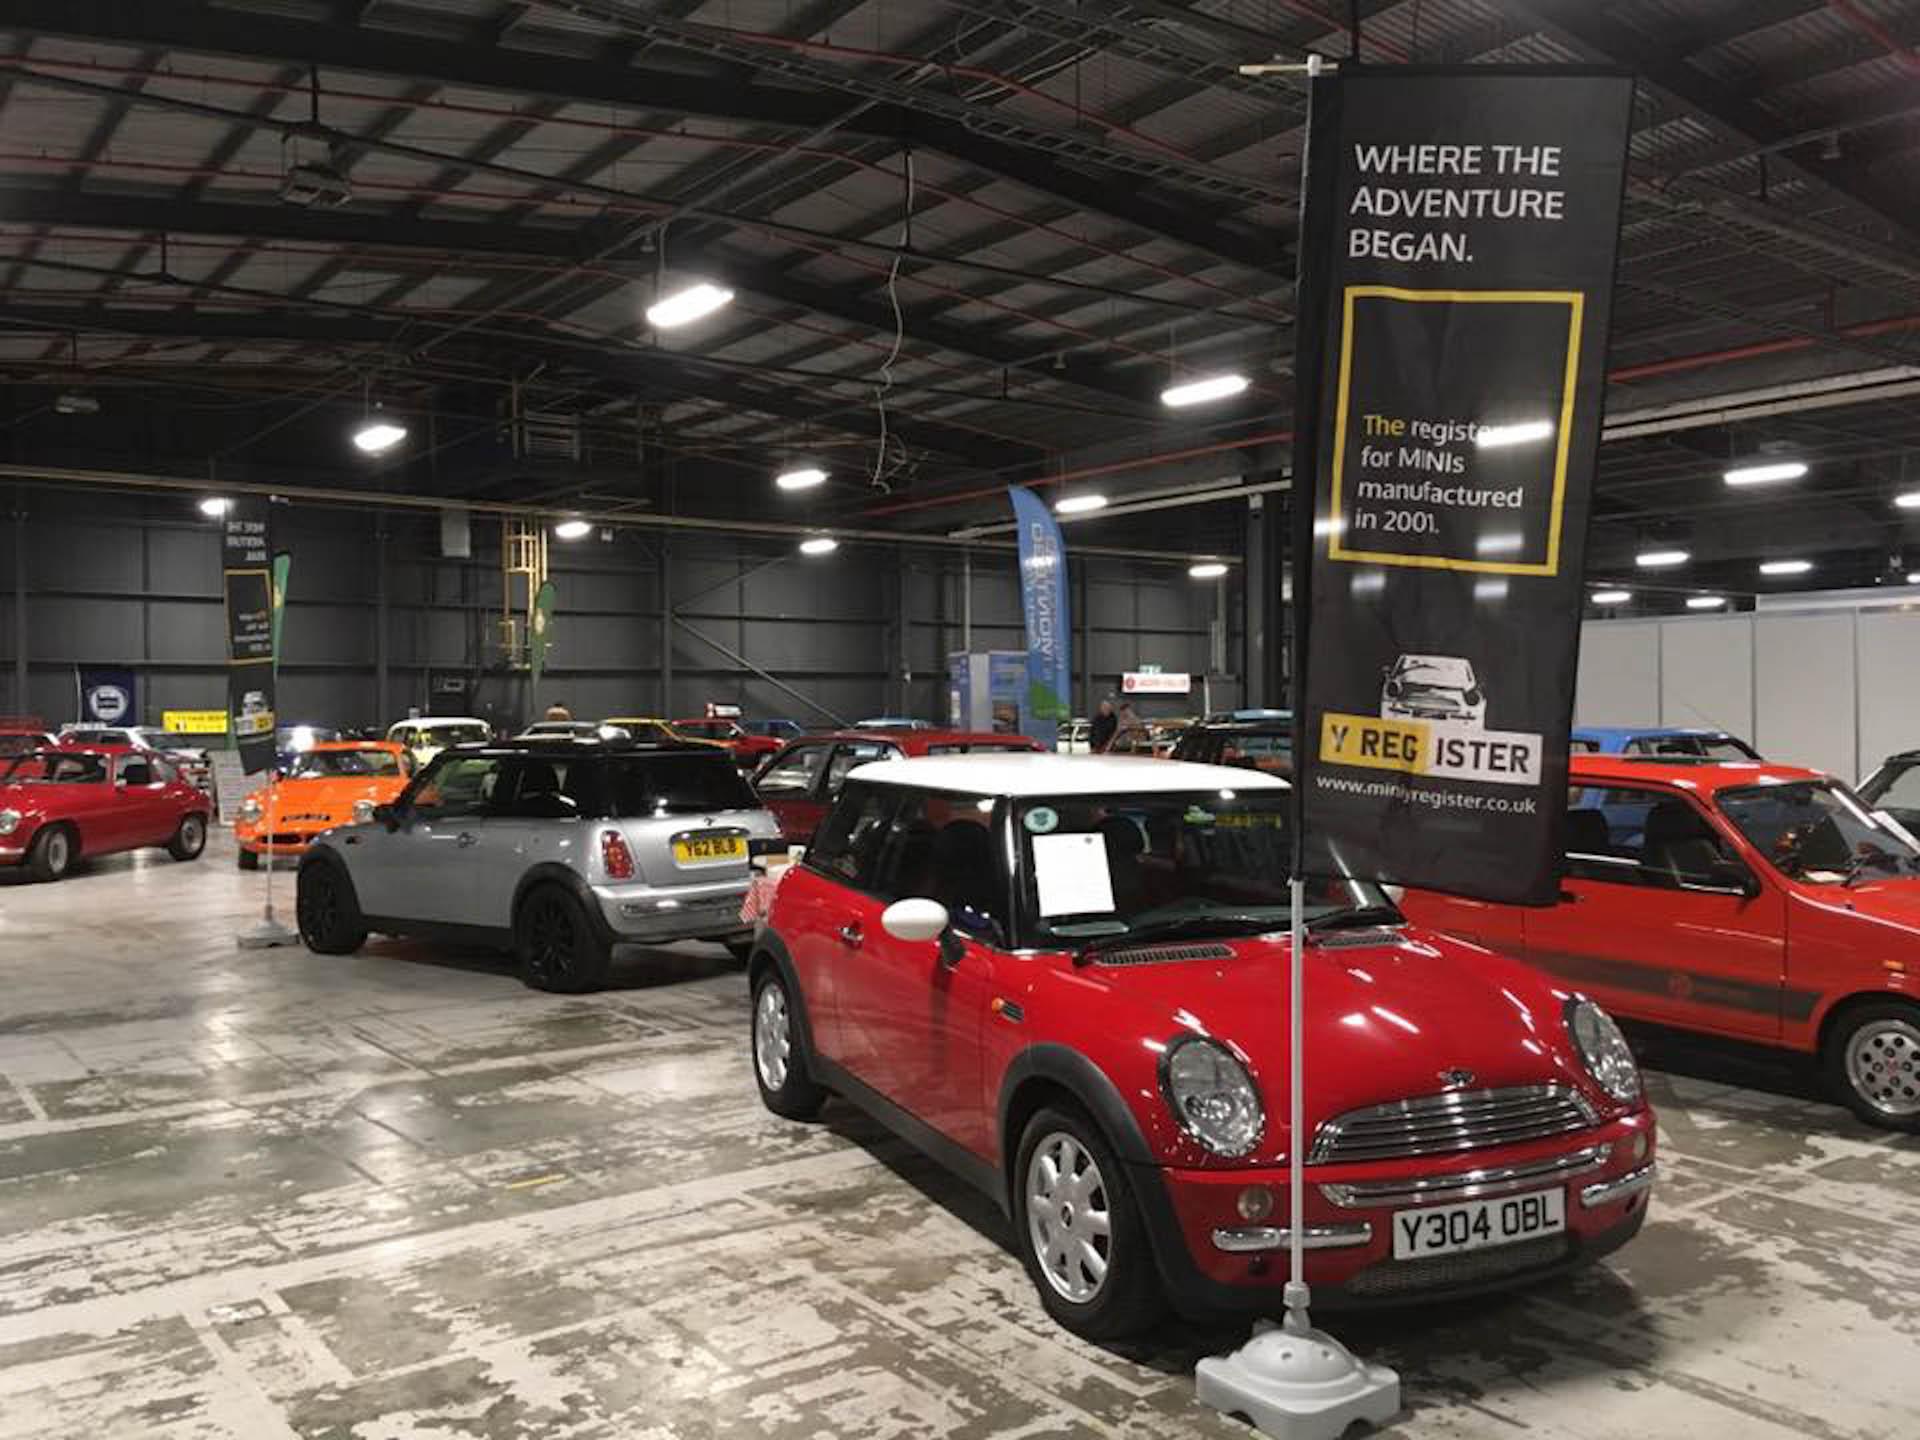 Photo of Red Y Reg BMW MINI Cooper R50 Registration Number Y304OBL image 2